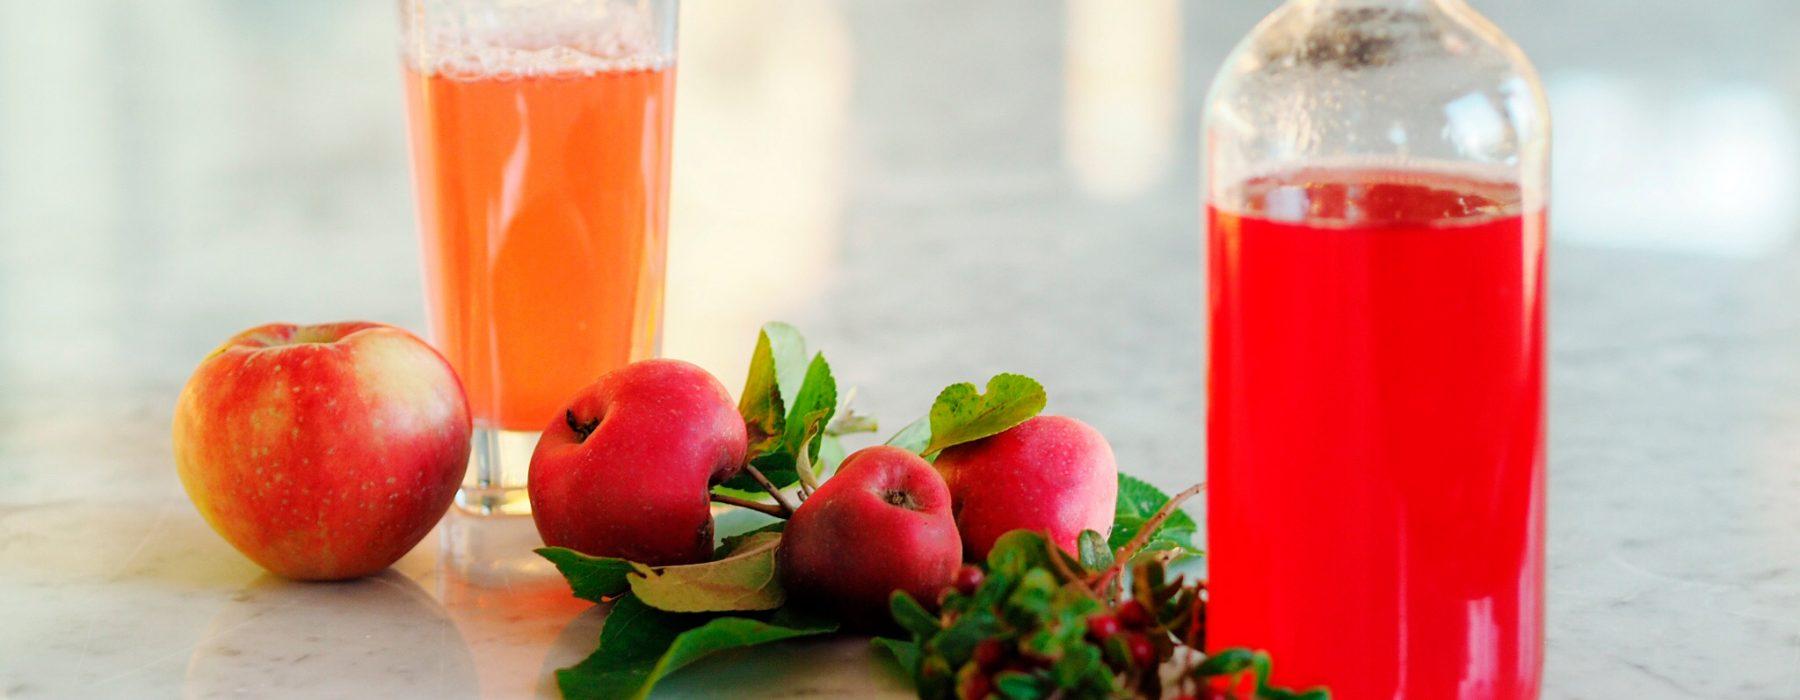 Puolukka-omenamehu